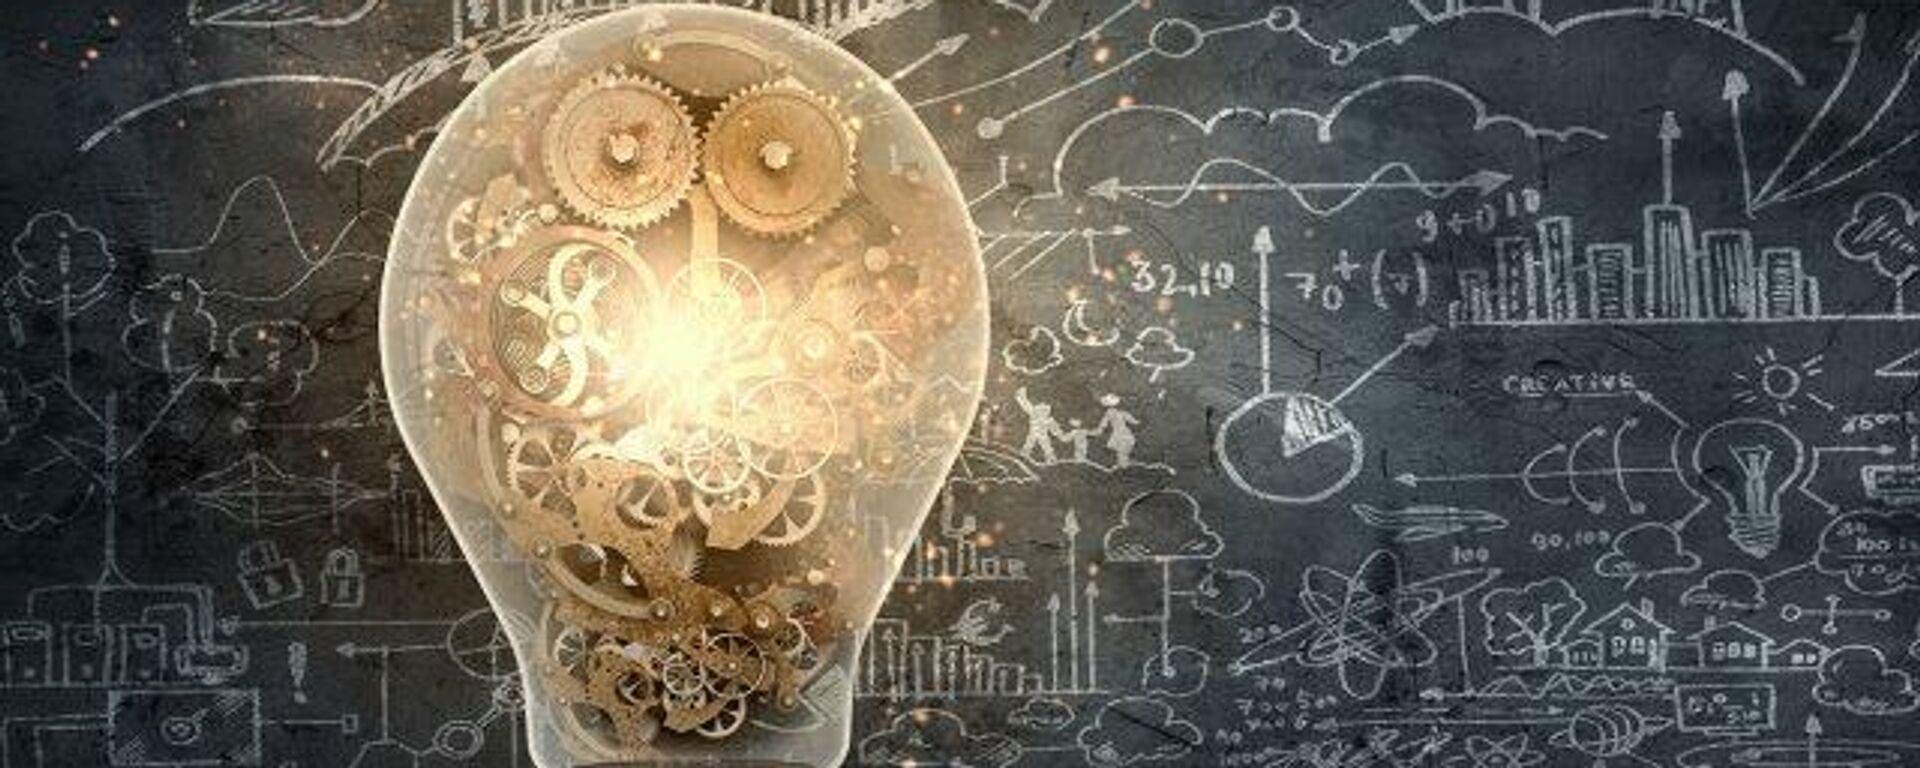 La ciencia detrás de los tatuajes: son posibles gracias al sistema inmunitario - Sputnik Mundo, 1920, 11.05.2021